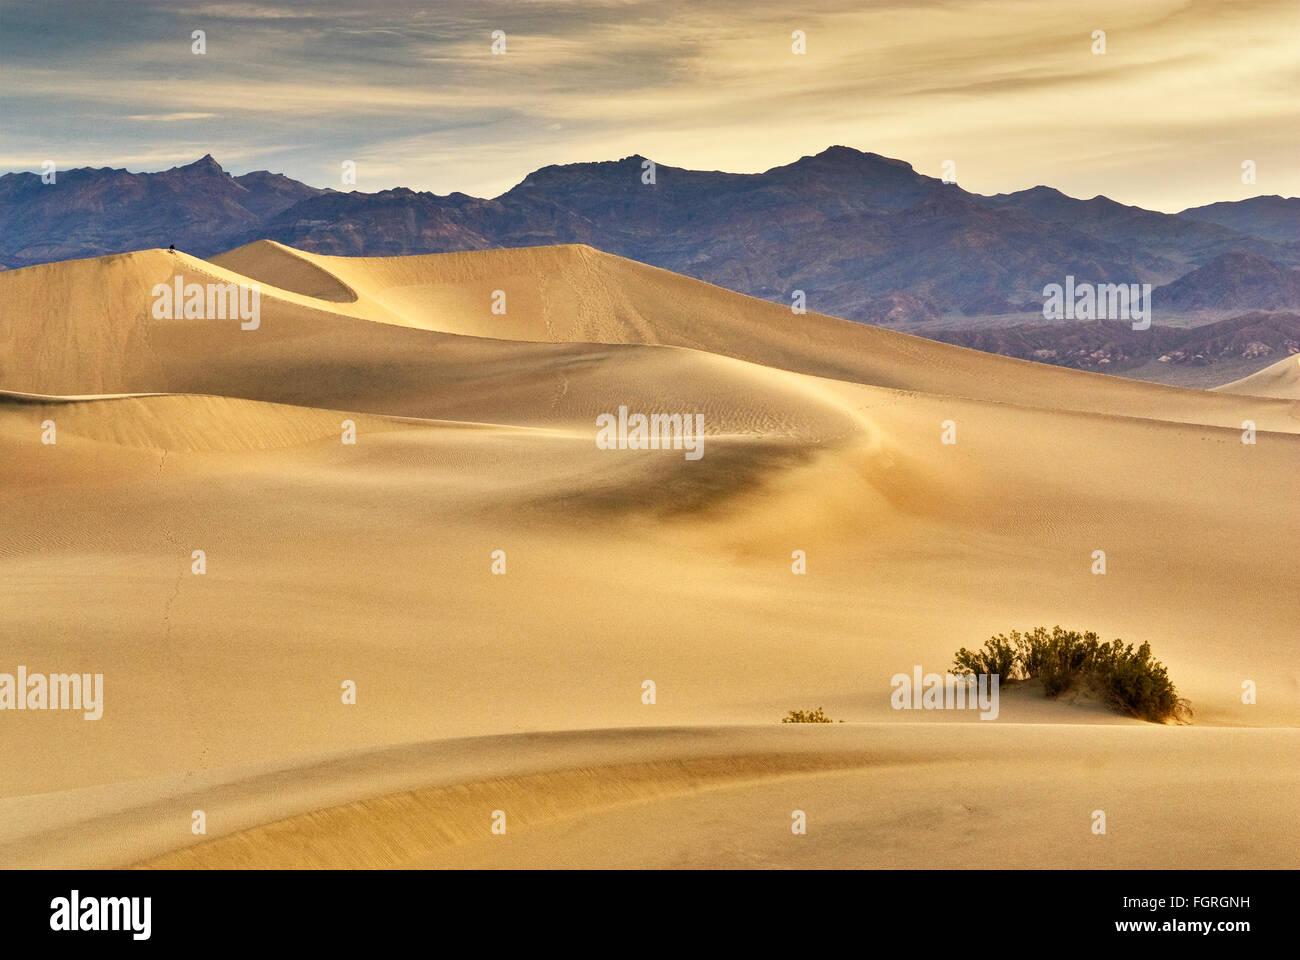 Flache Mesquite Sand Dunes und Amargosa Strecke im Abstand bei Sonnenaufgang in Death Valley Nationalpark, Kalifornien, USA Stockfoto